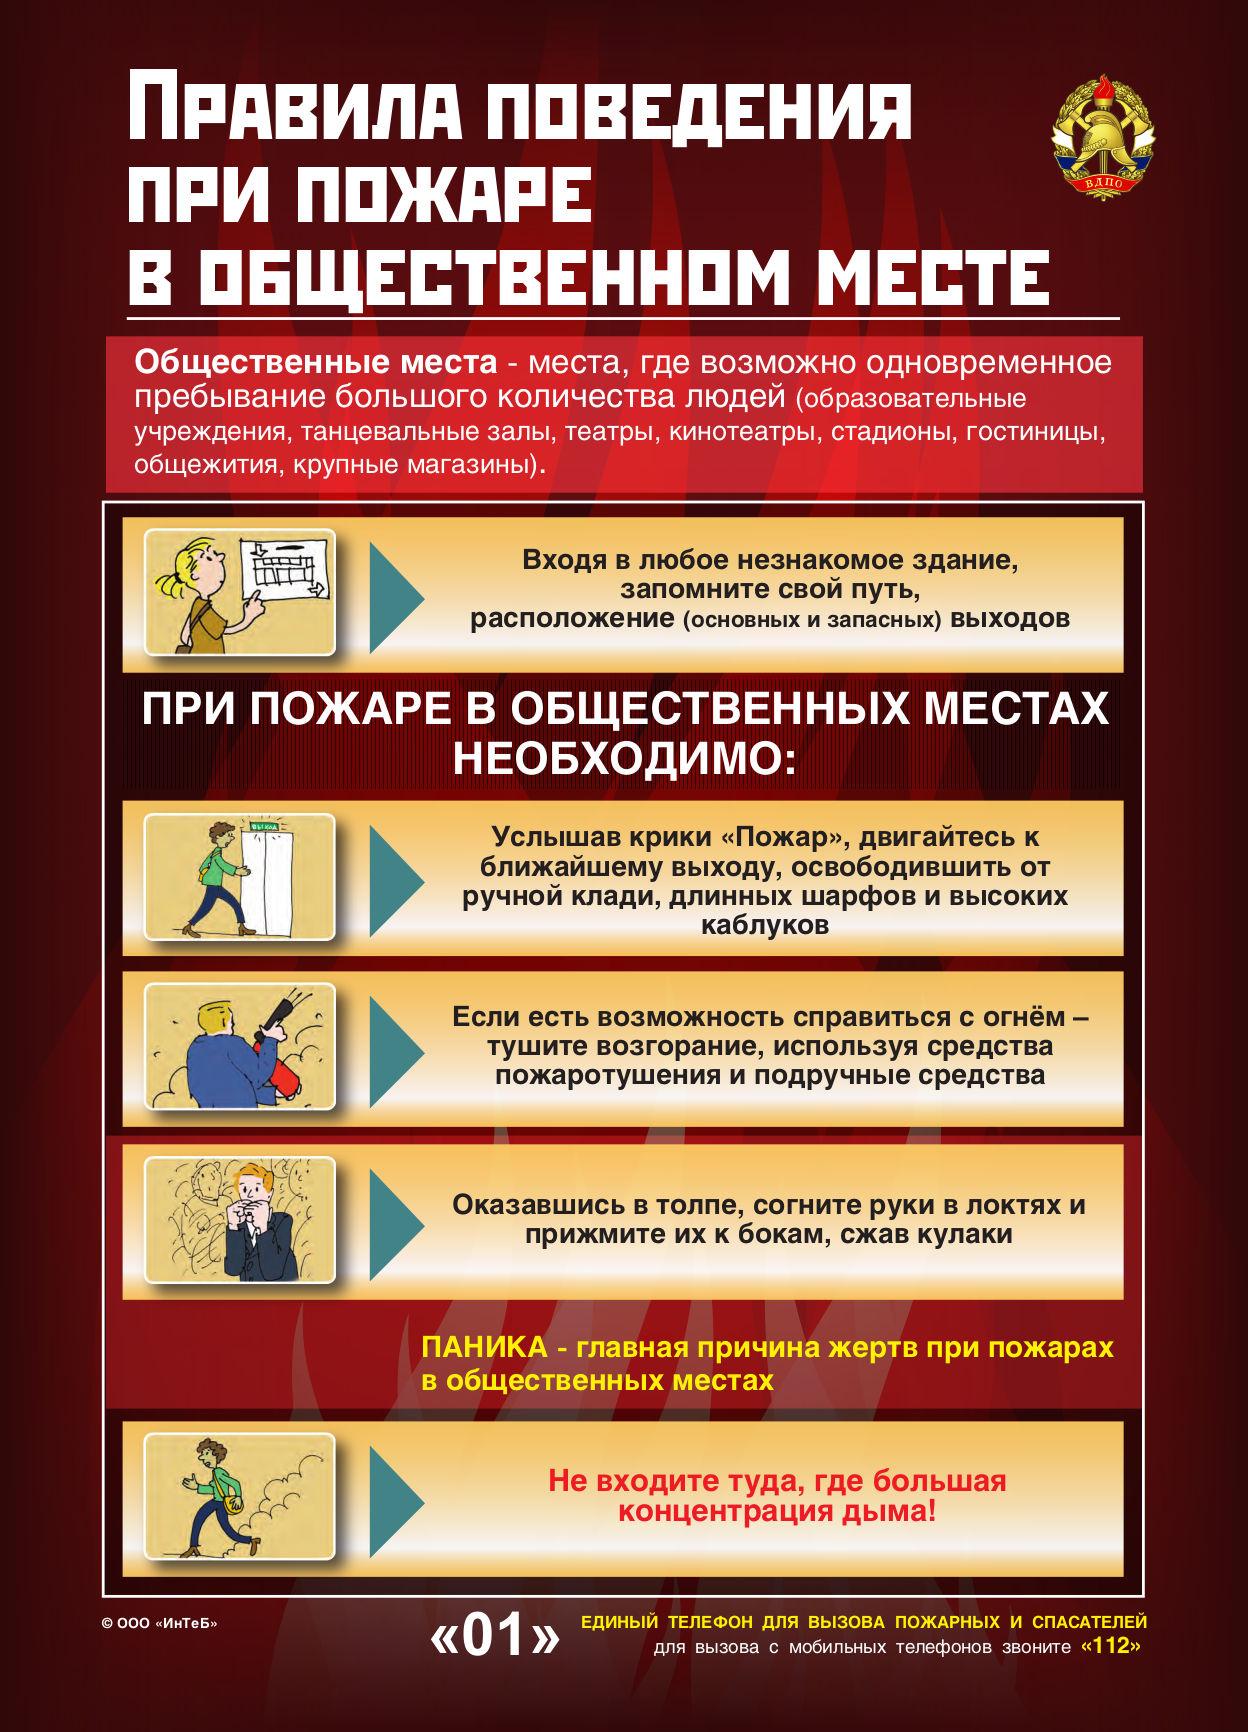 Правила поведения  при пожаре  в общественном месте